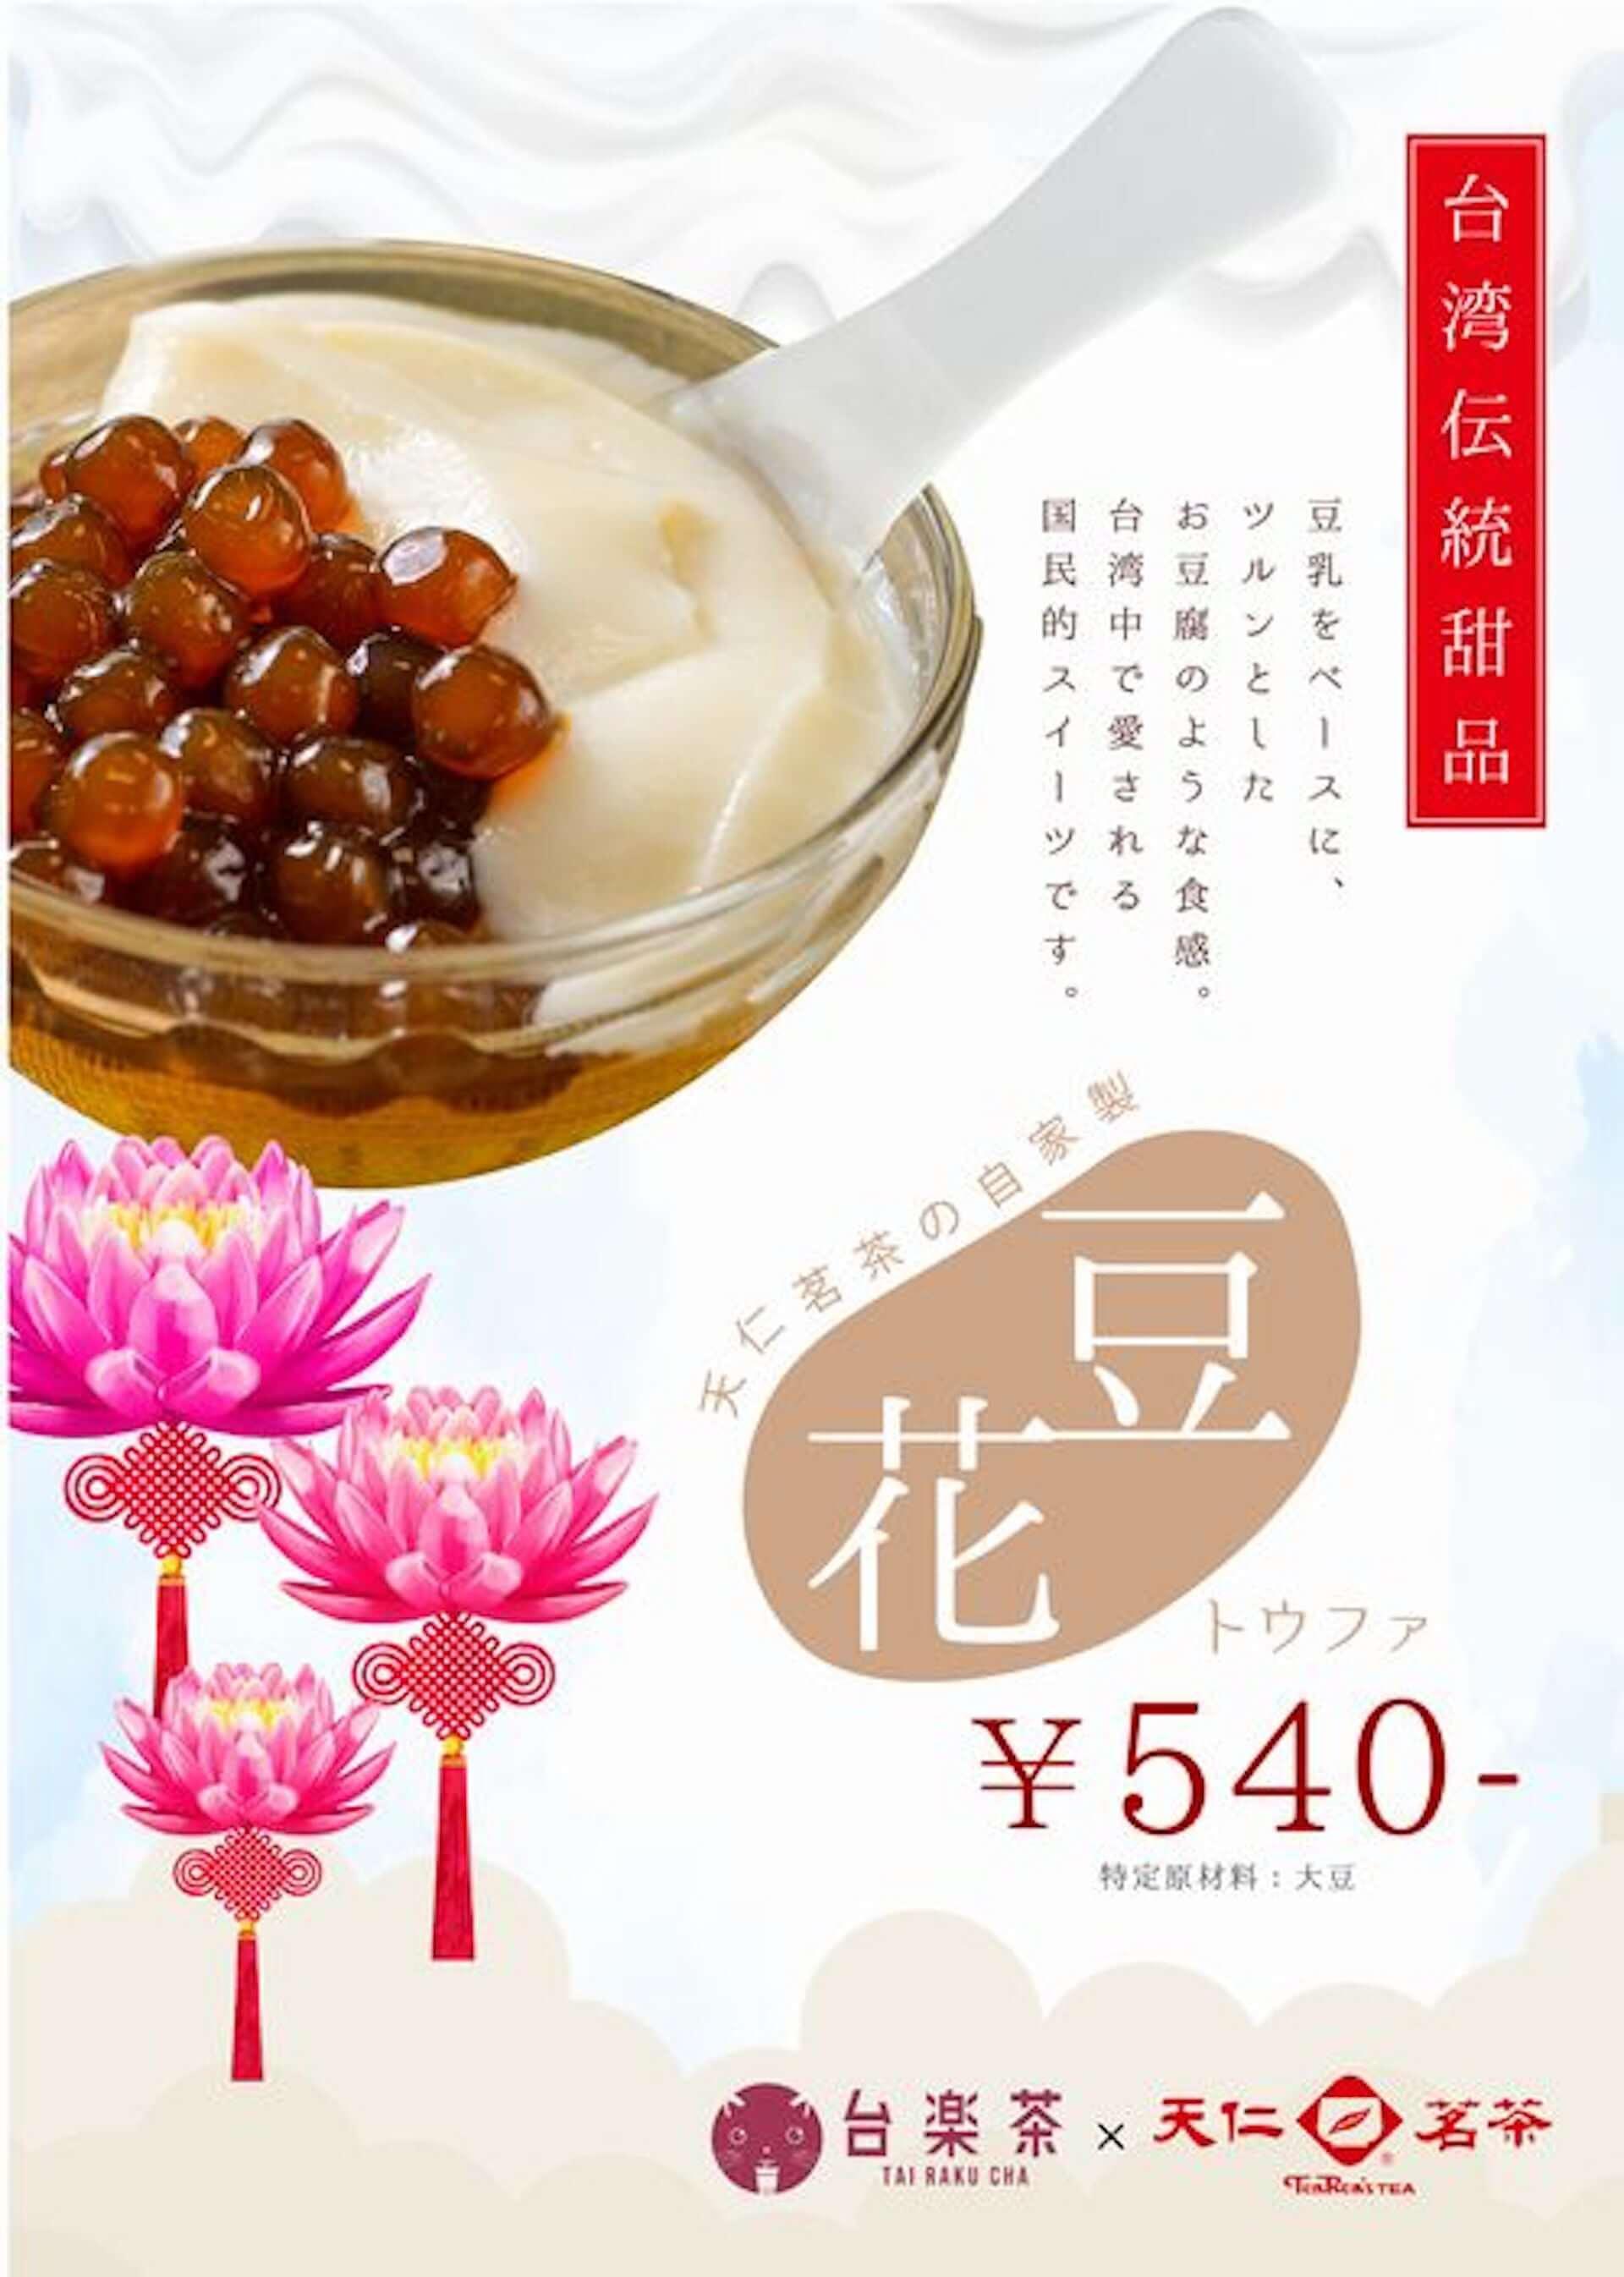 台湾発の自家製「生」タピオカスイーツ専門店台楽茶、天仁茗茶とコラボ sub3-8-1920x2692